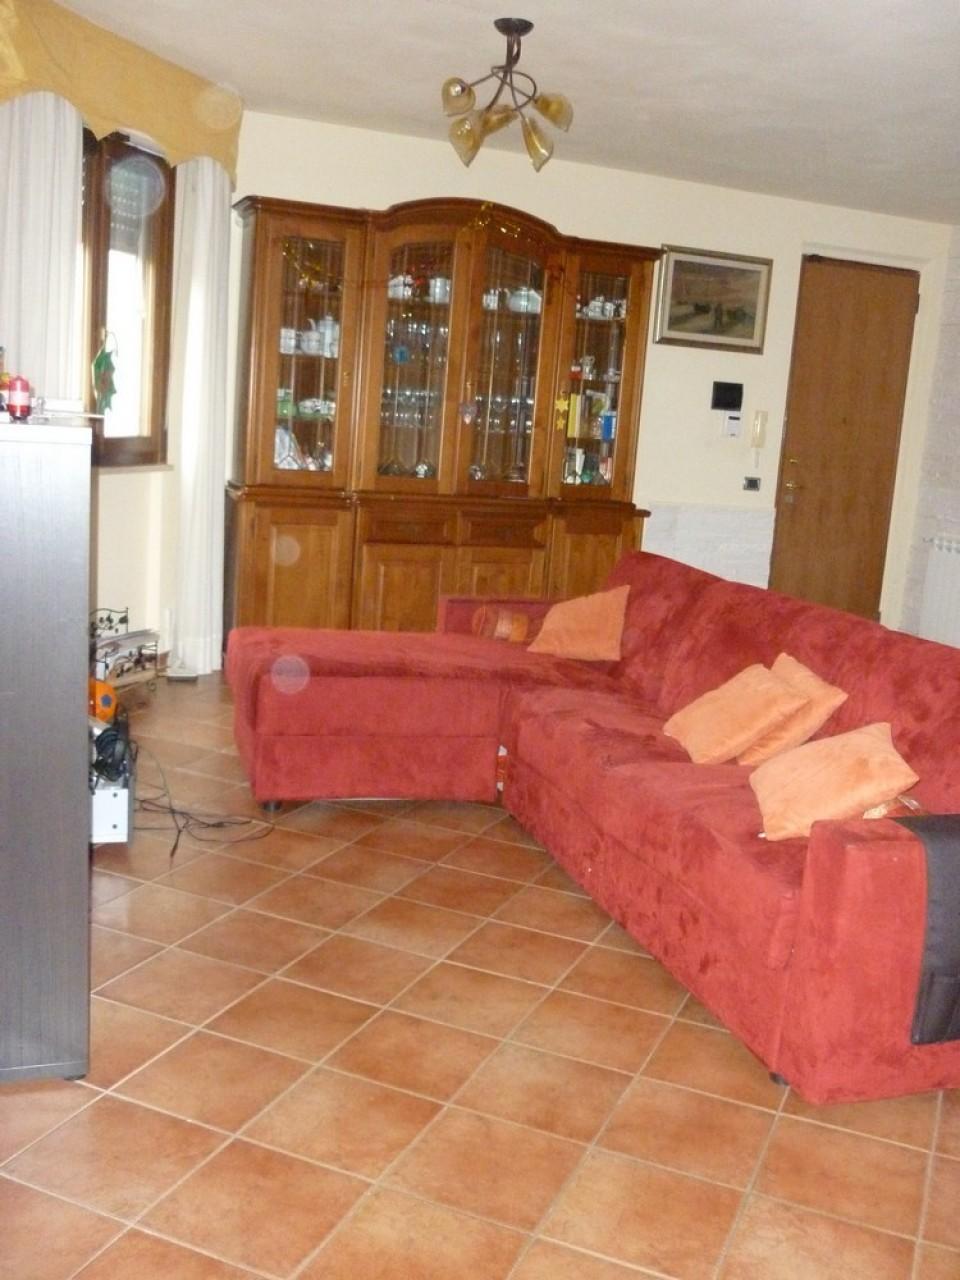 Appartamento in vendita a Viareggio, 5 locali, prezzo € 185.000   PortaleAgenzieImmobiliari.it